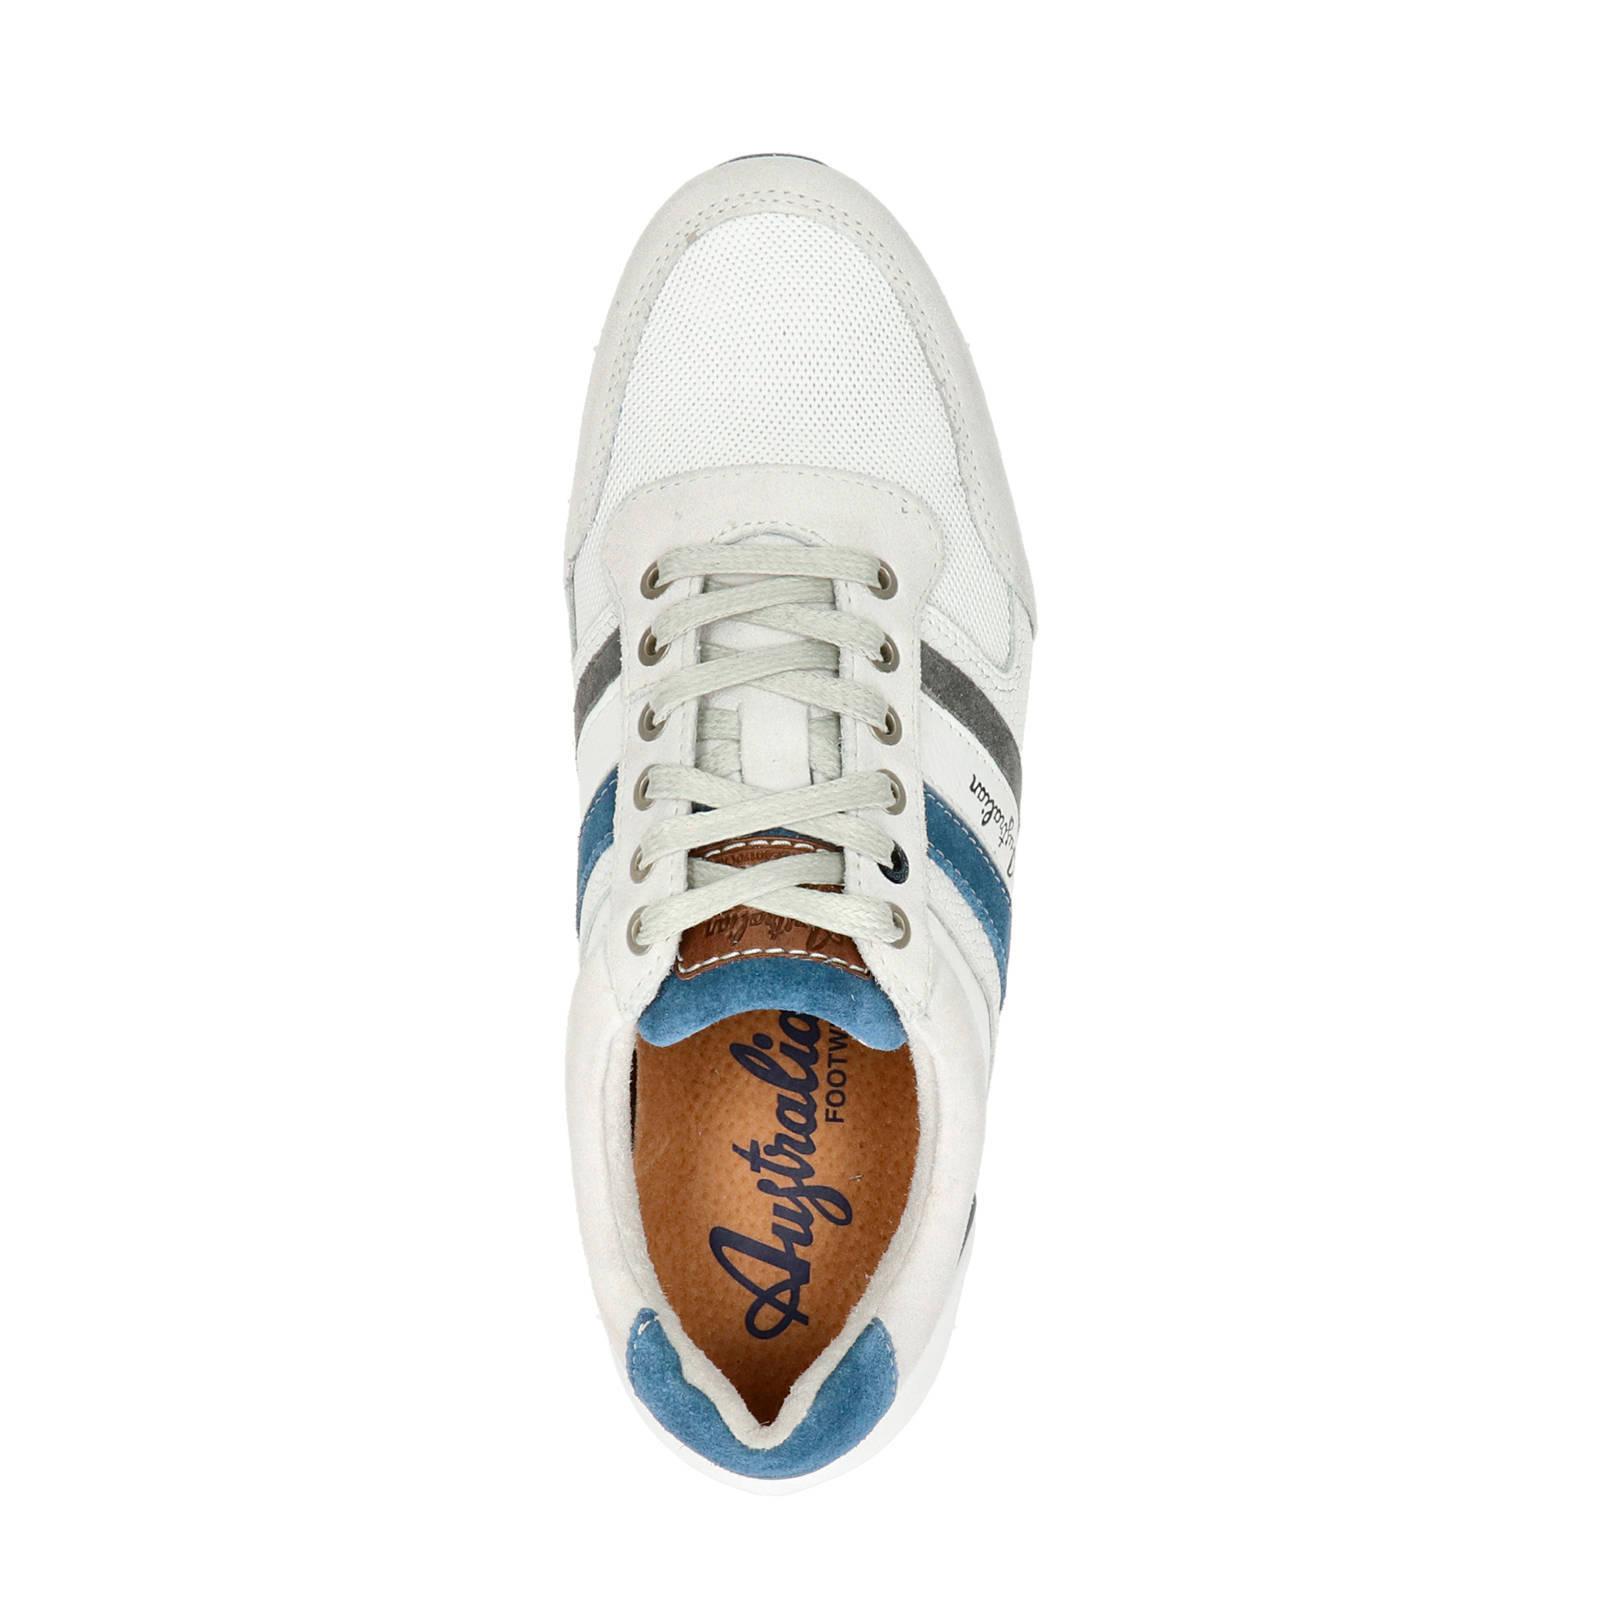 cf8b5476 australian-cornwell-leren-sneakers-met-strepen-wit-wit-8719796153068.jpg